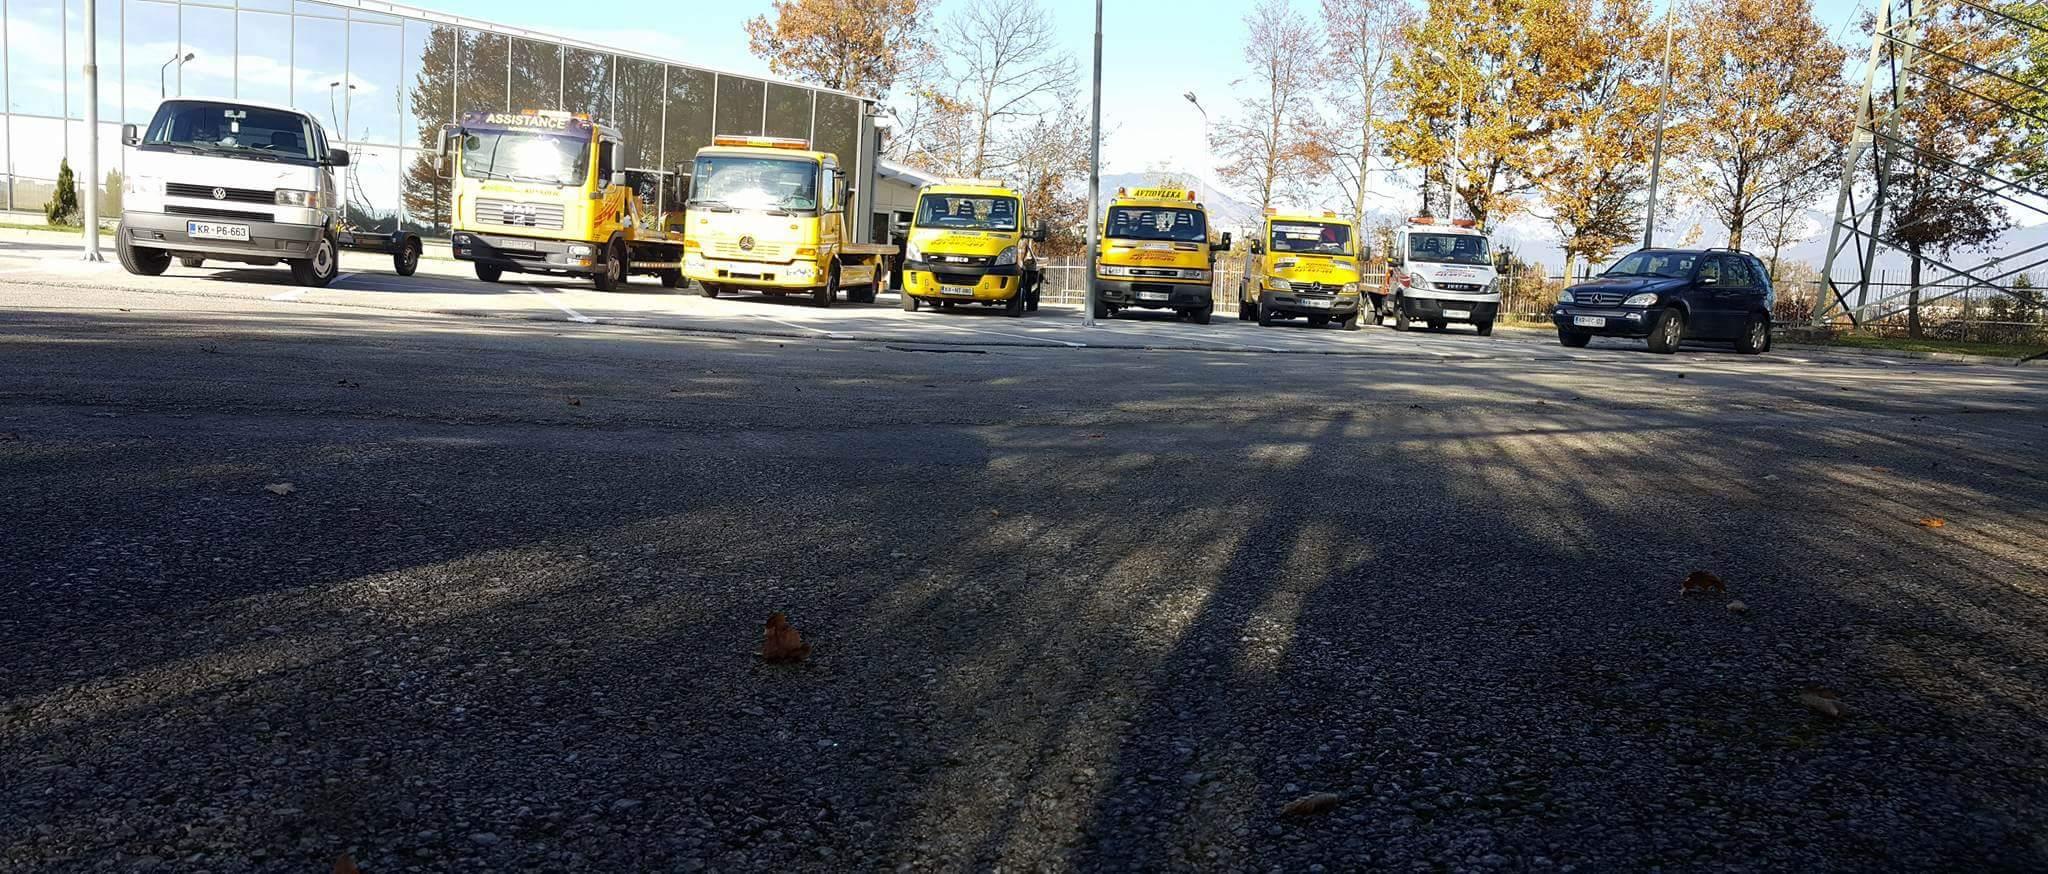 Avtovleka Kranj - Avtoasistenca Konkolič Kranj, Towing Service Kranj, Abschleppdienst Kranj received_10206014333112525